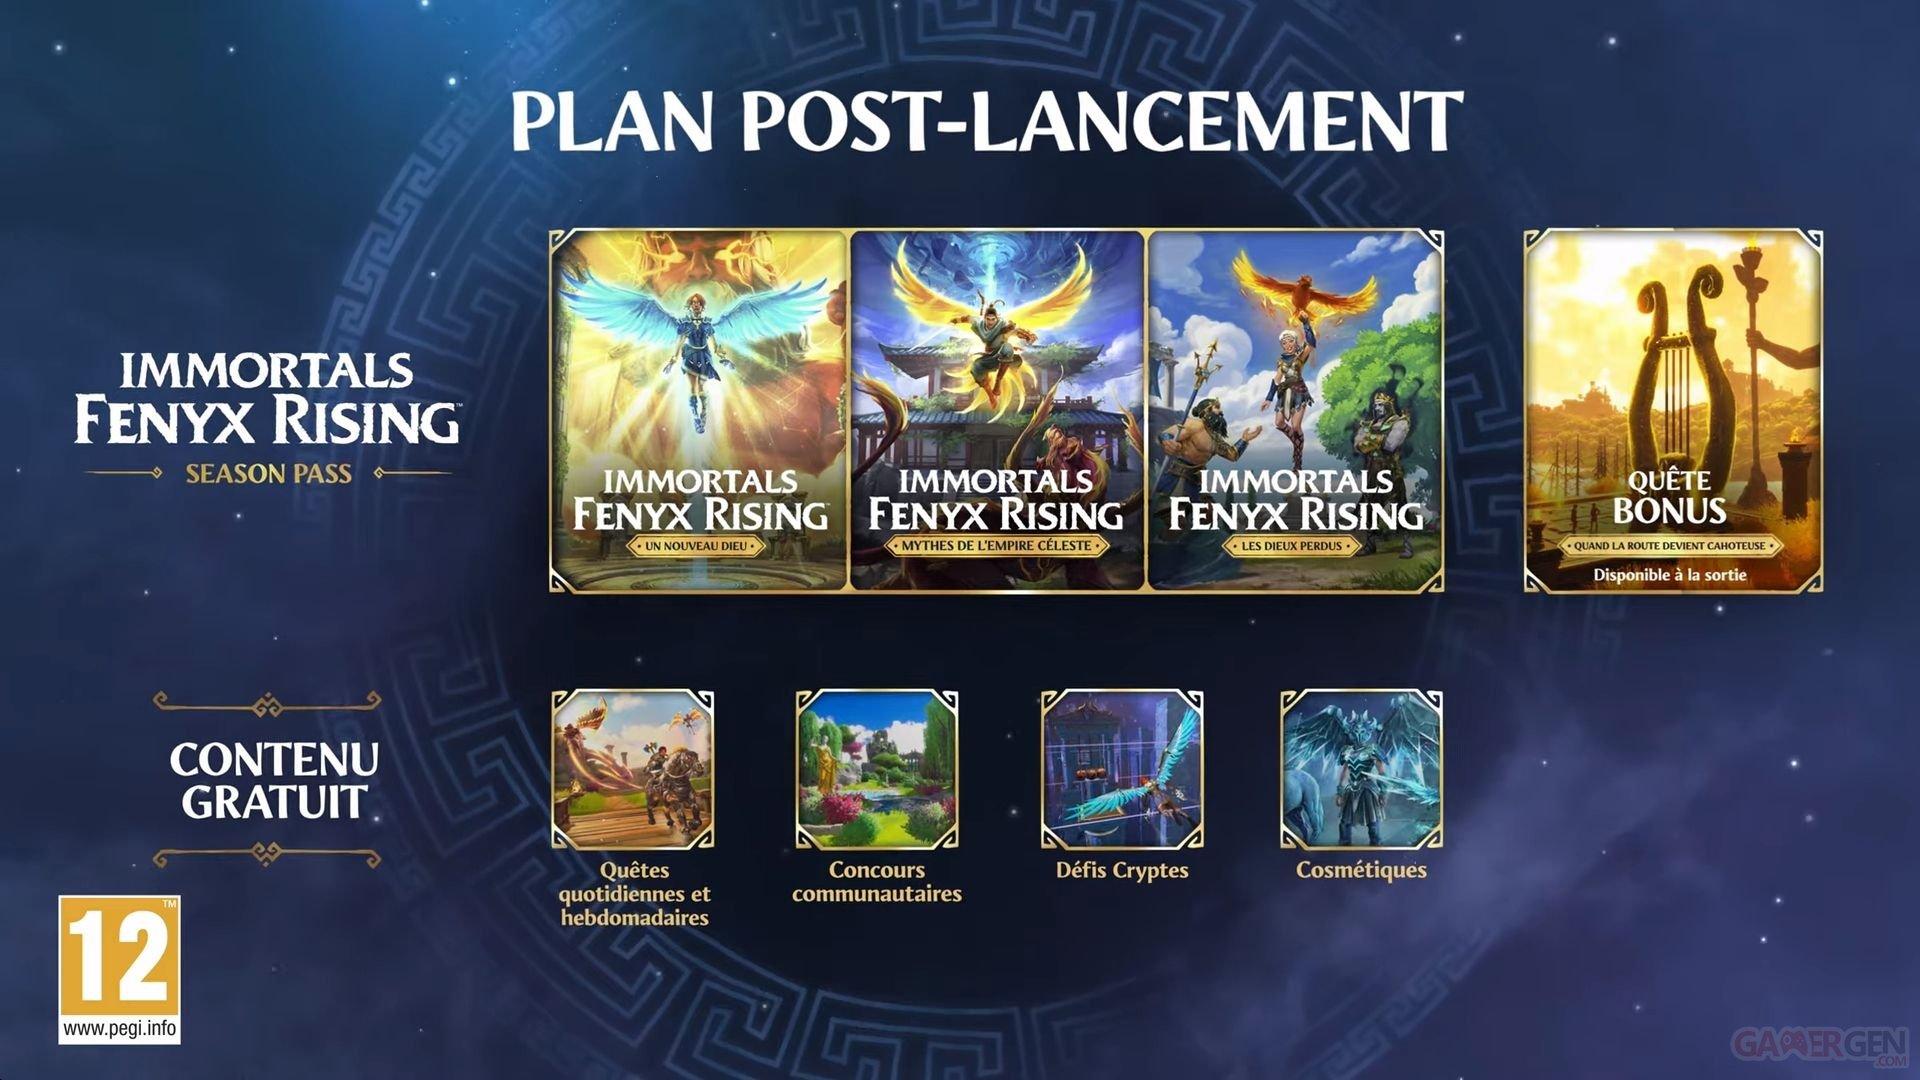 Immortals Fenyx Rising post lancement 17 11 2020